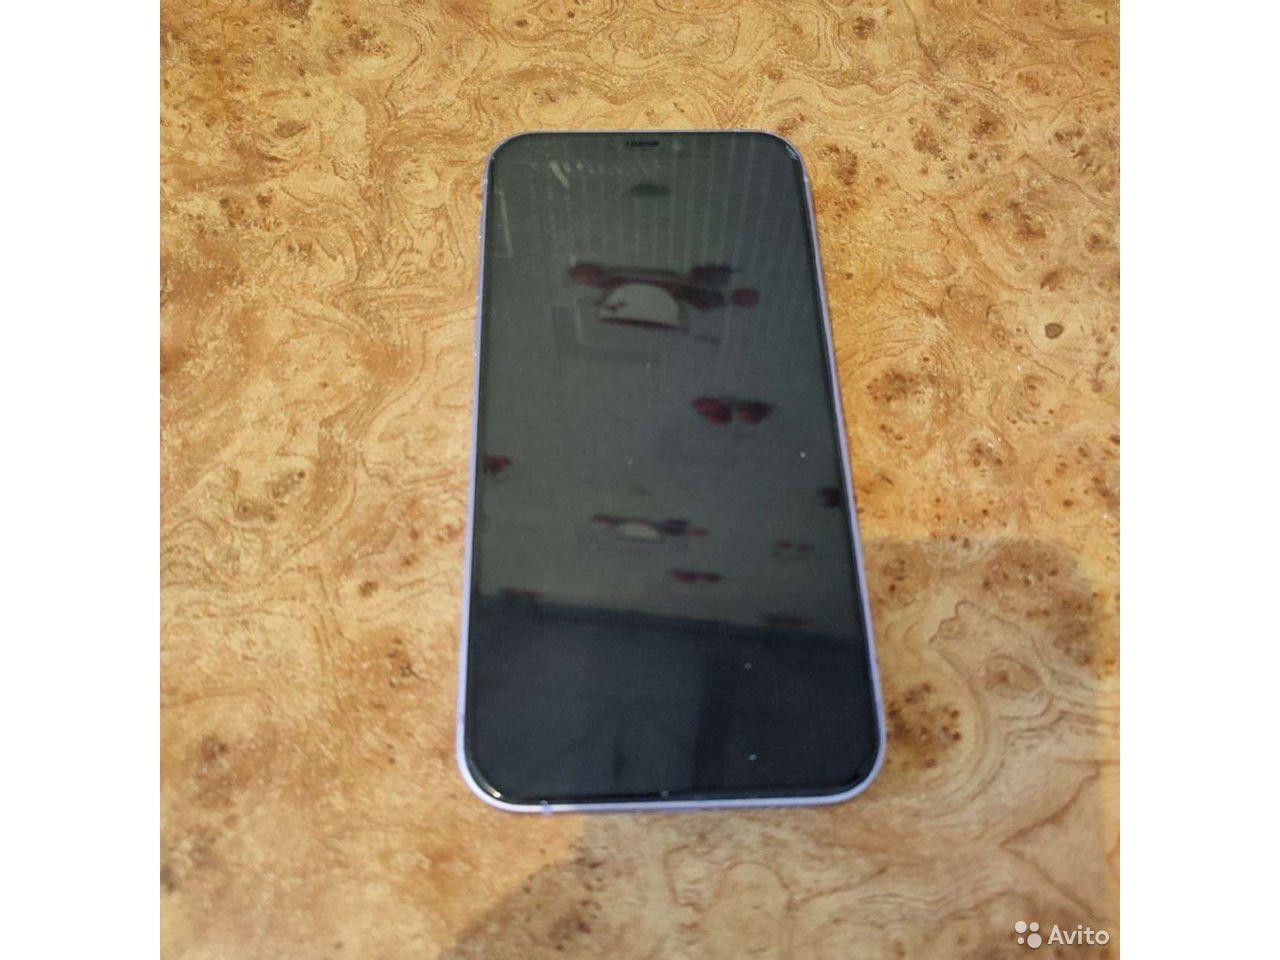 iPhone 12 128gb - 6